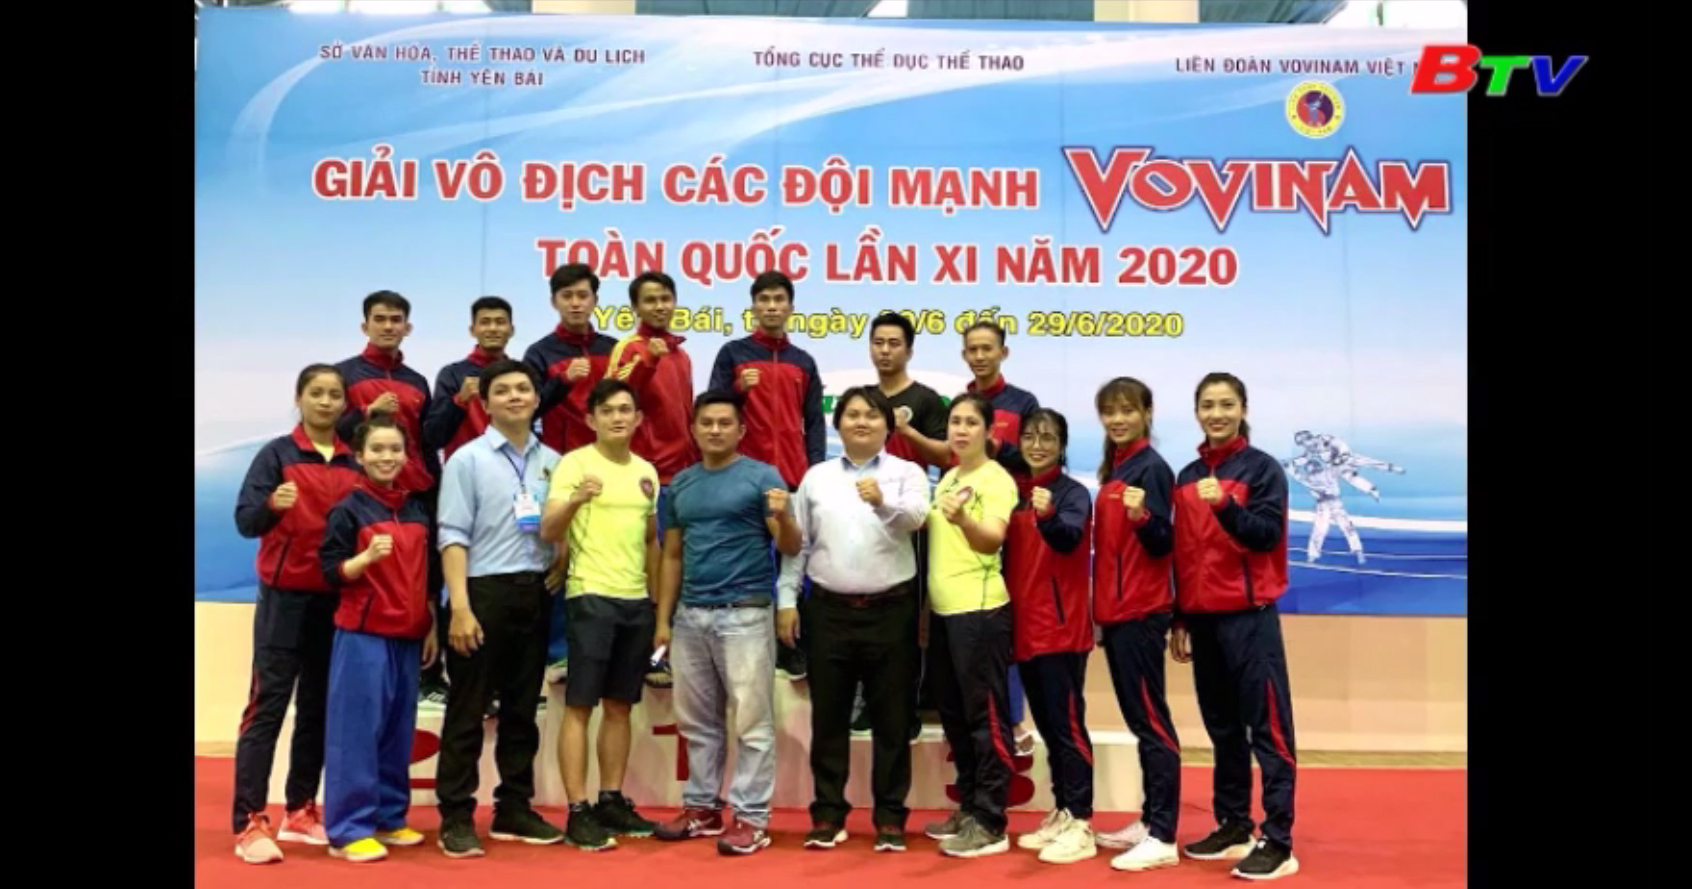 Giải vô địch các đội mạnh Vovinam toàn quốc lần XI – Bình Dương đạt 3 HCV